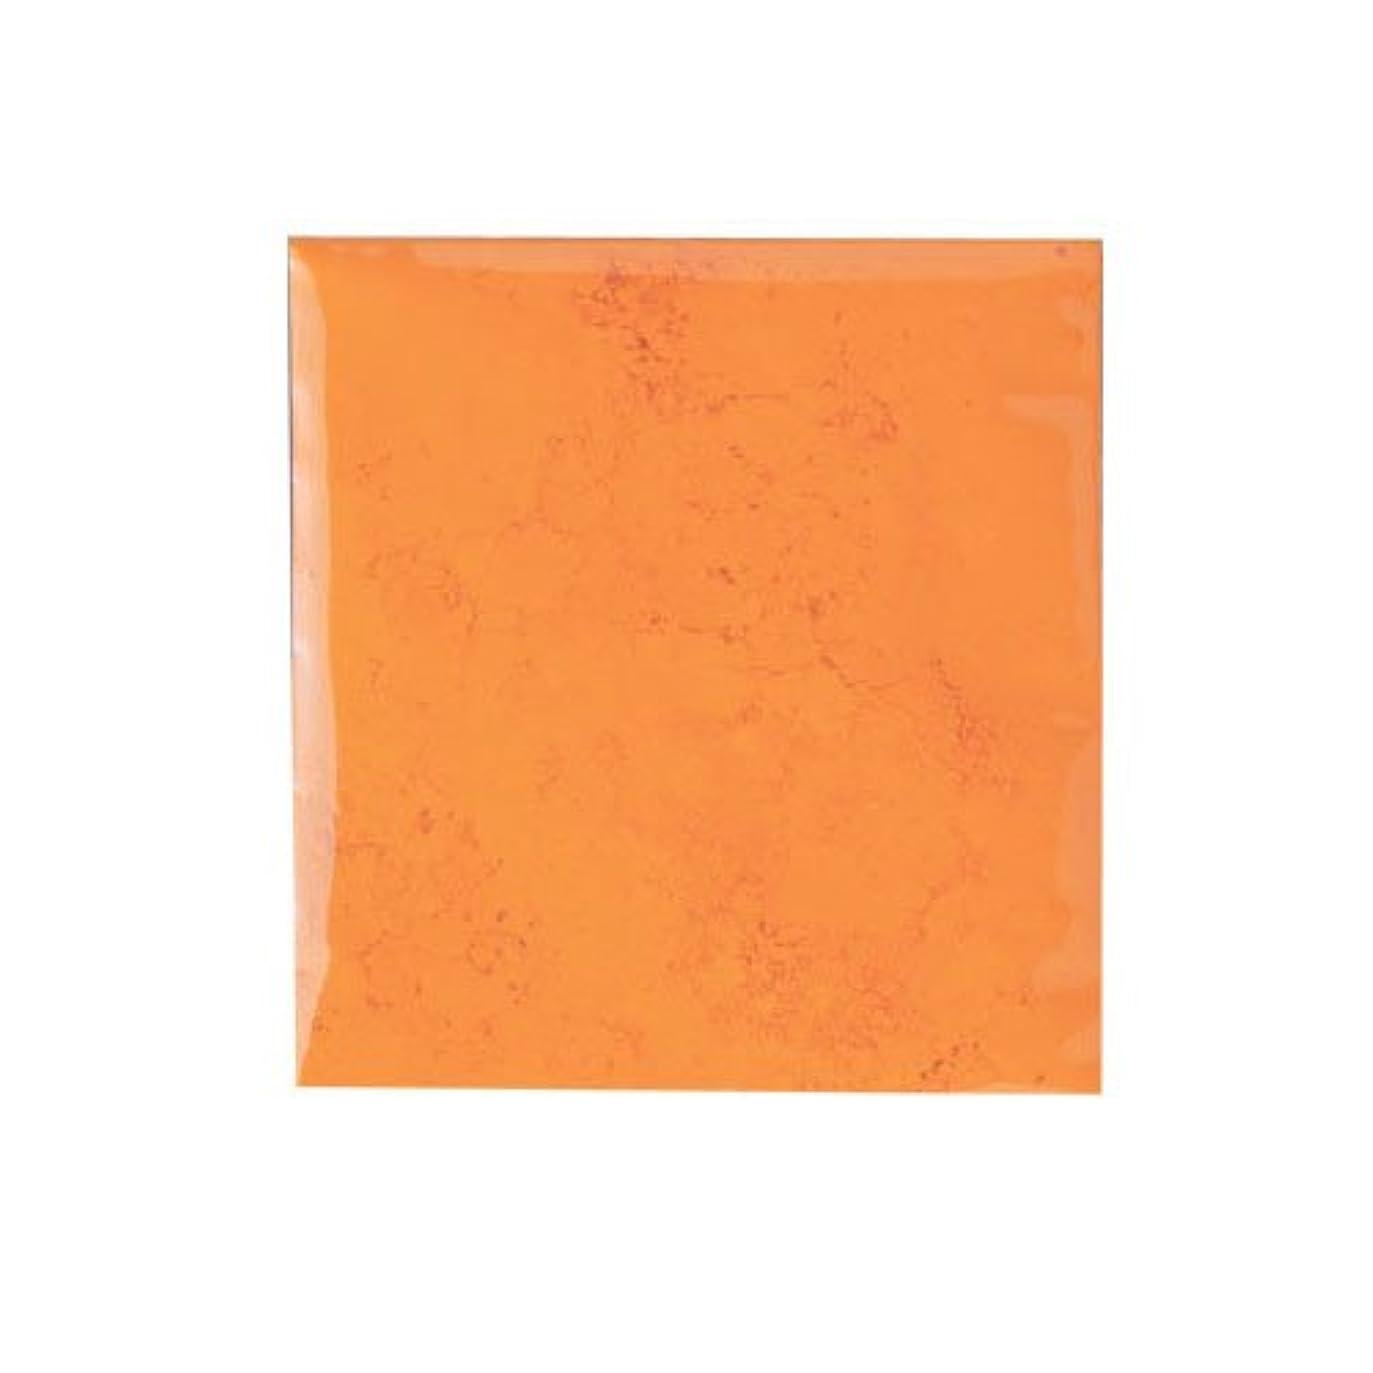 選択順番愛情深いピカエース ネイル用パウダー カラーパウダー 着色顔料 #745 マリーゴールド 2g